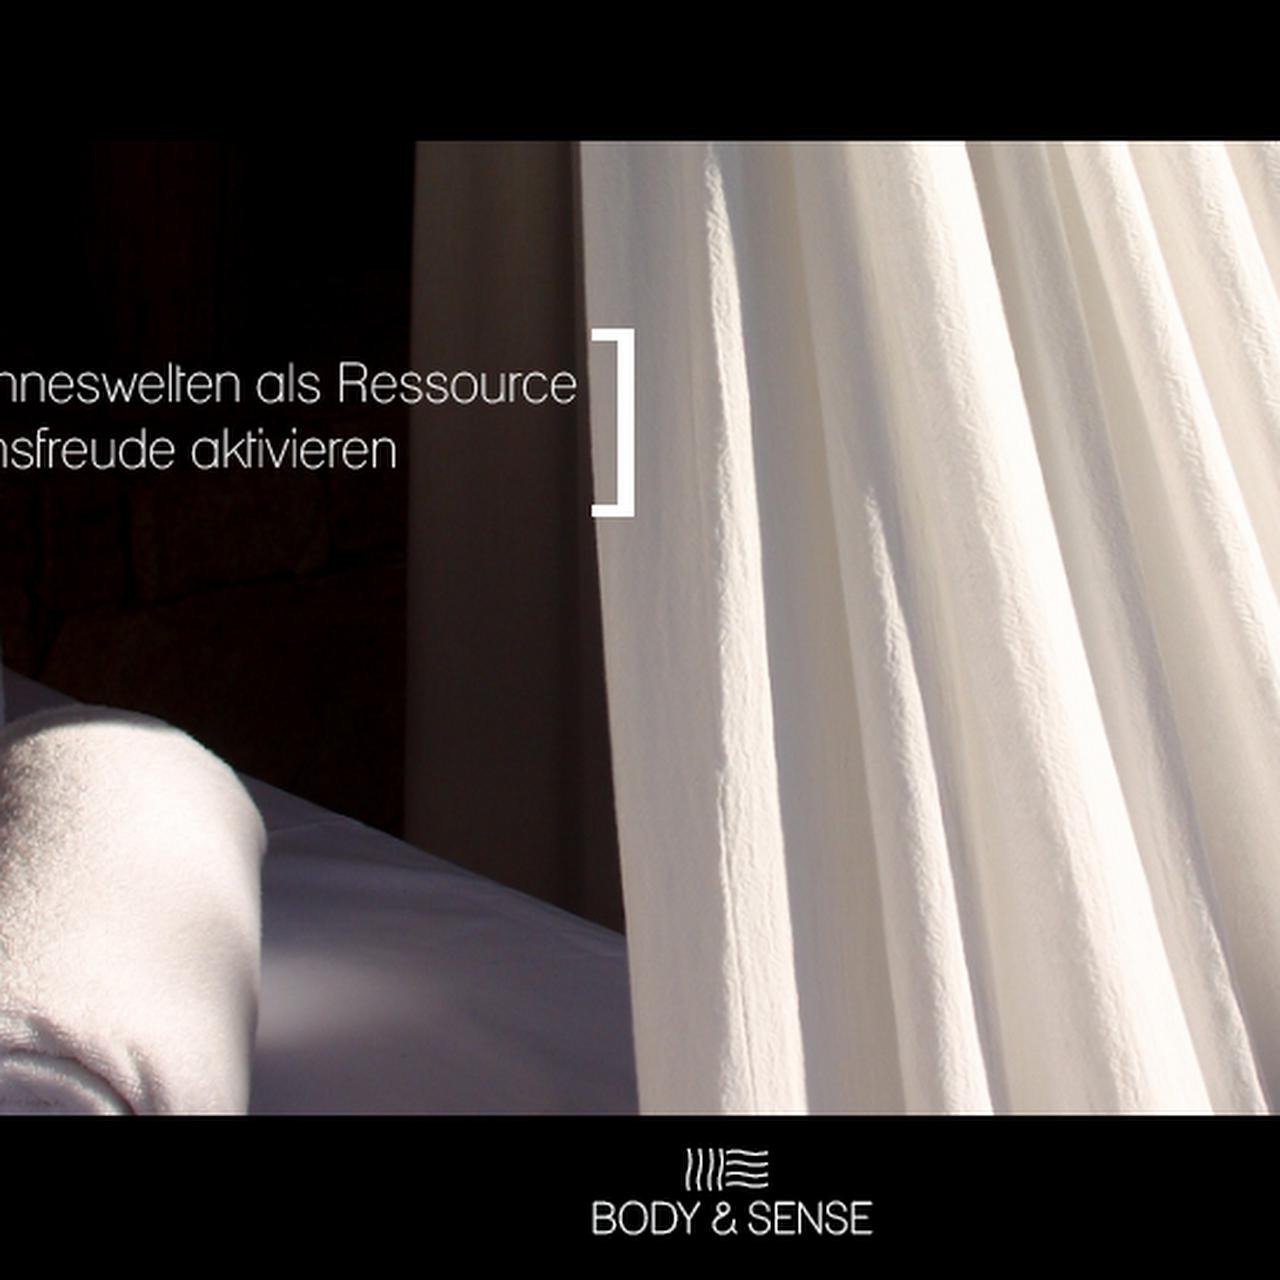 BODY & SENSE - Massage Dresden